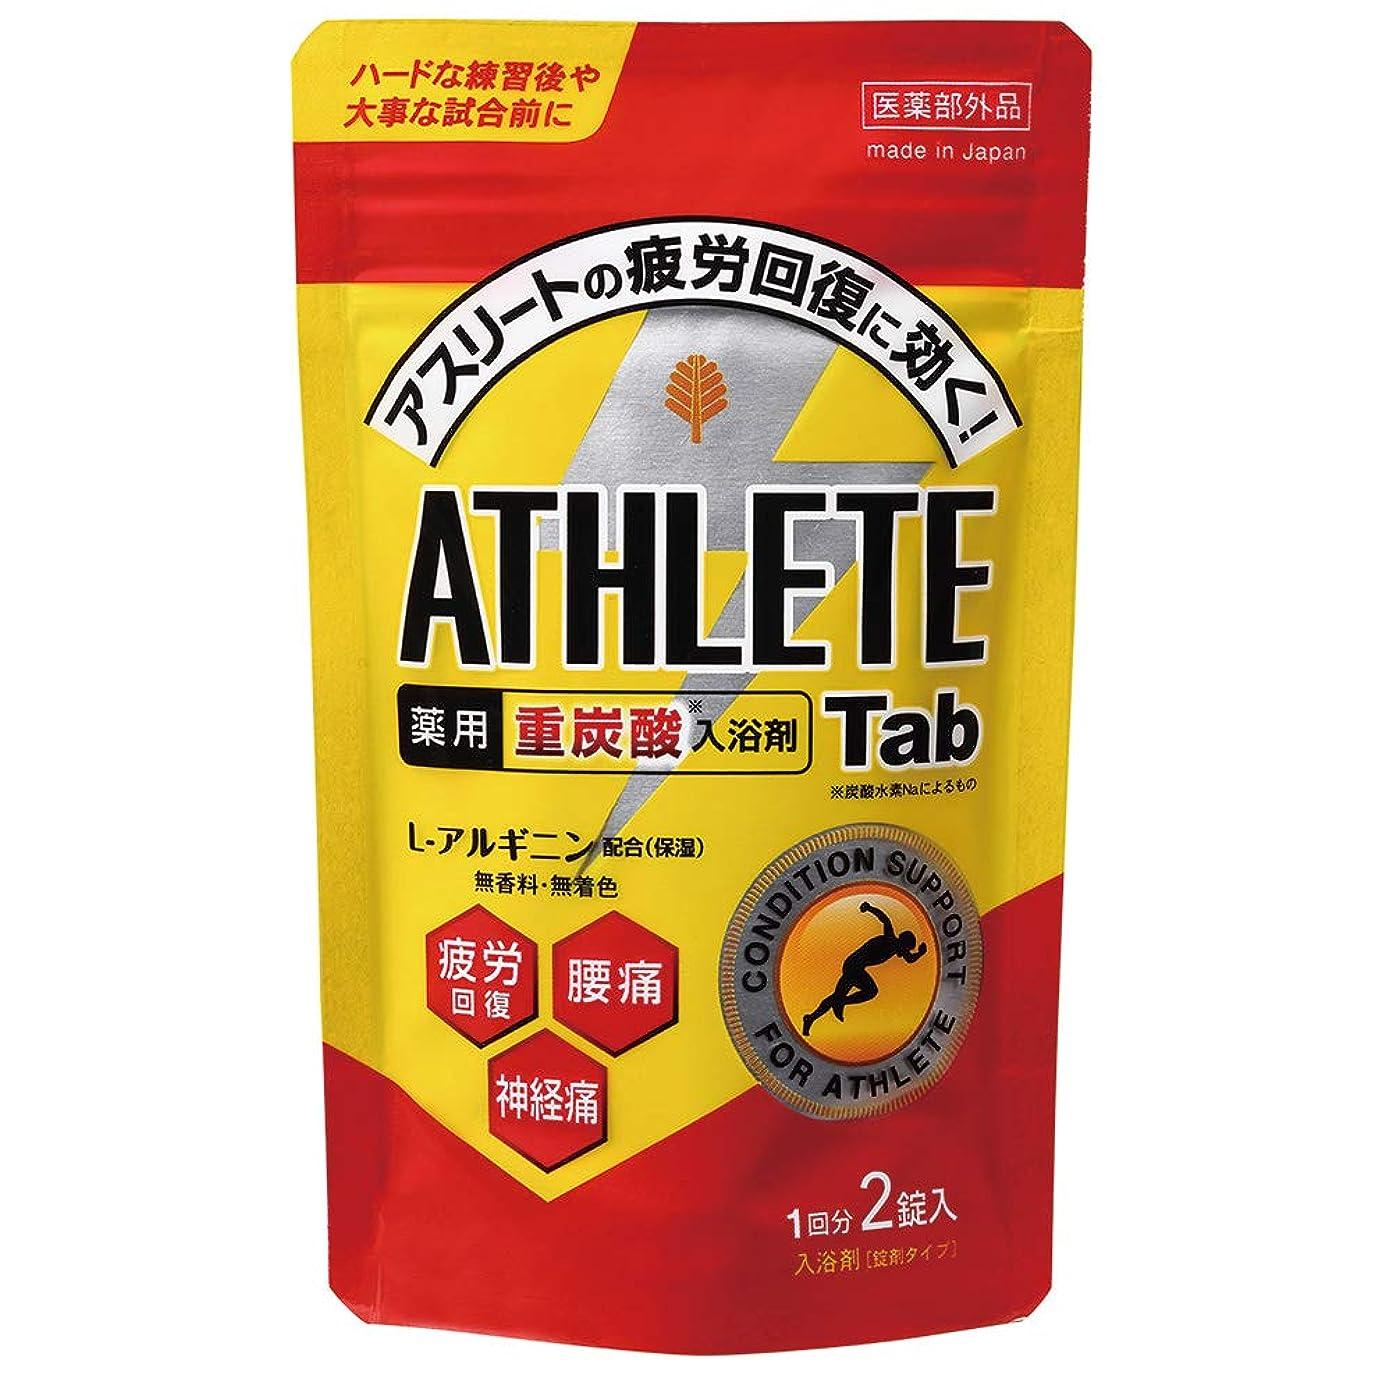 ドレインパズル排除する日本製 made in japan 薬用 ATHLETE Tab2錠x1パック BT-8572 【まとめ買い12個セット】